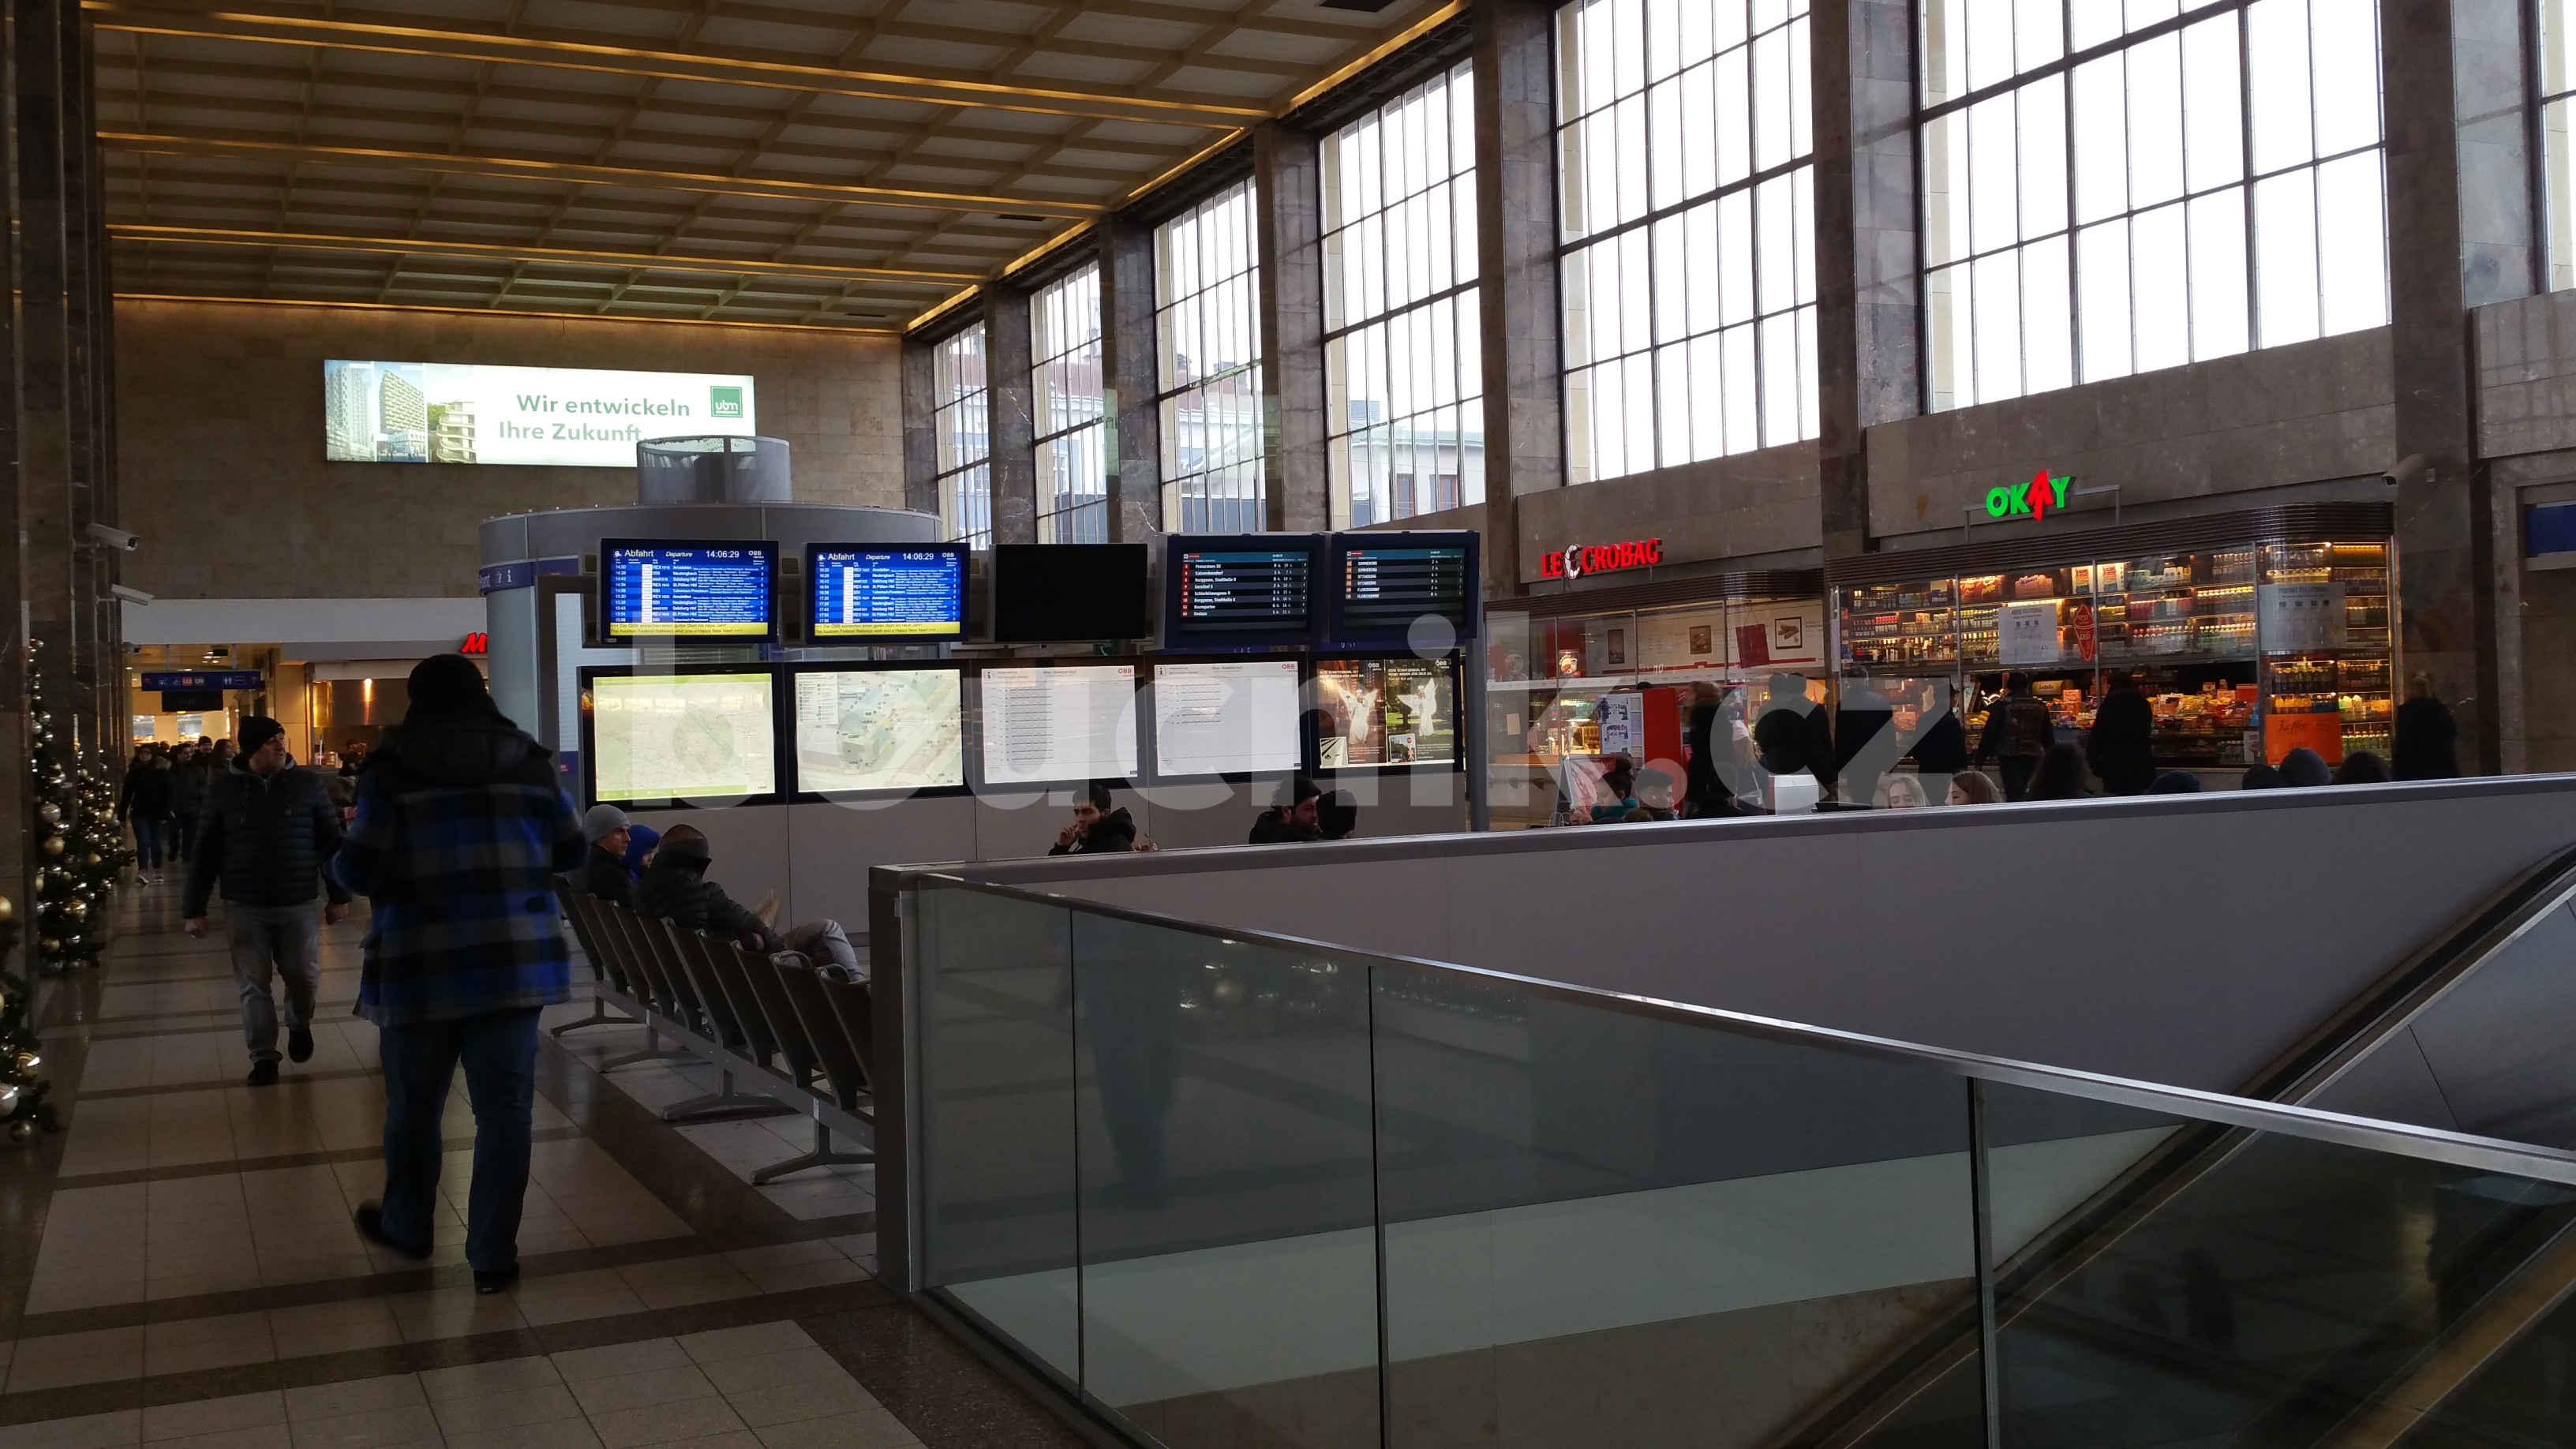 Nádražní hala Vídeň západní nádraží